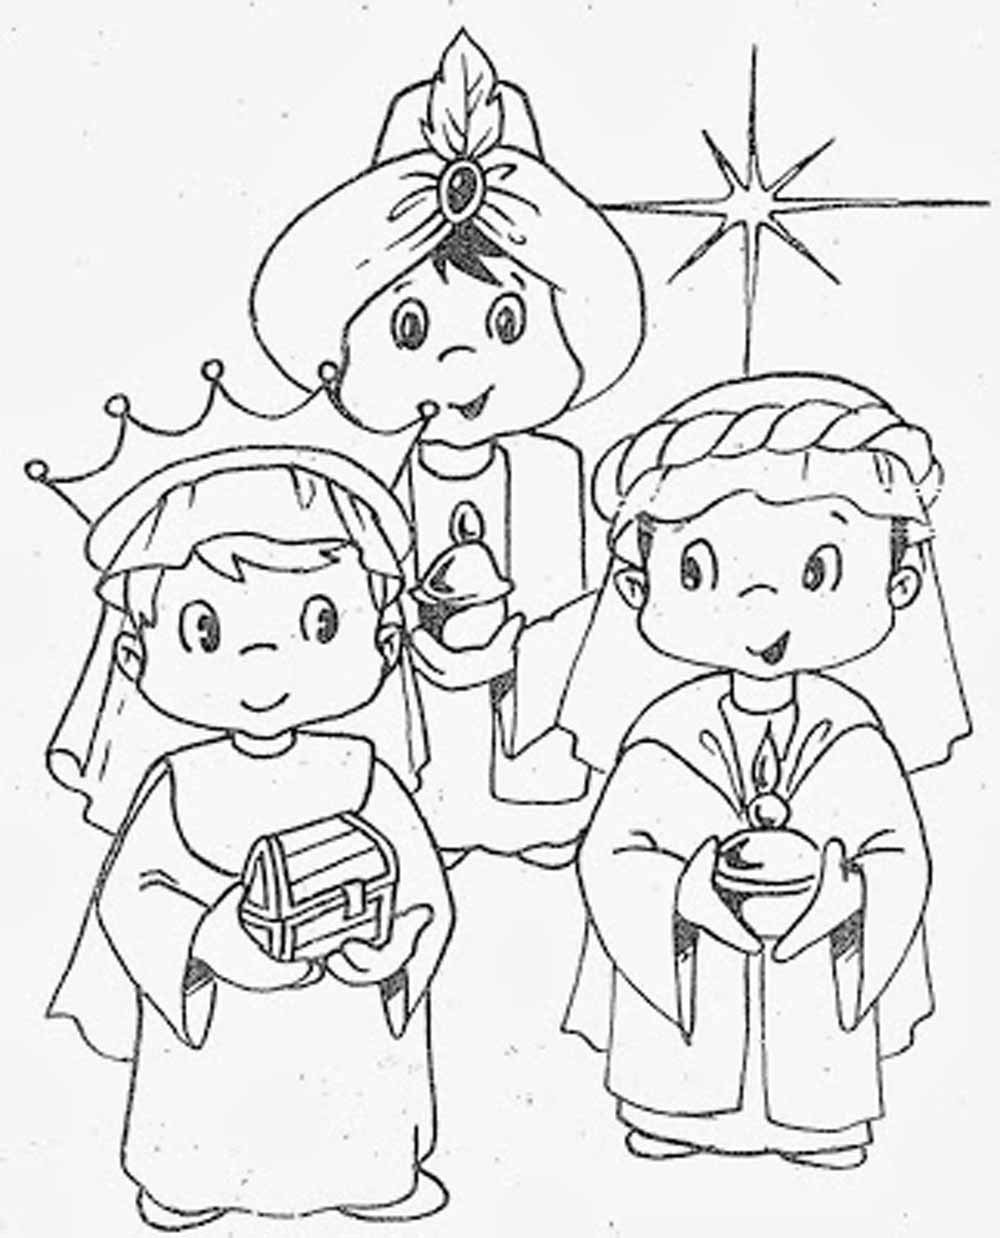 Imágenes De Reyes Magos Para Colorear Dibujos De